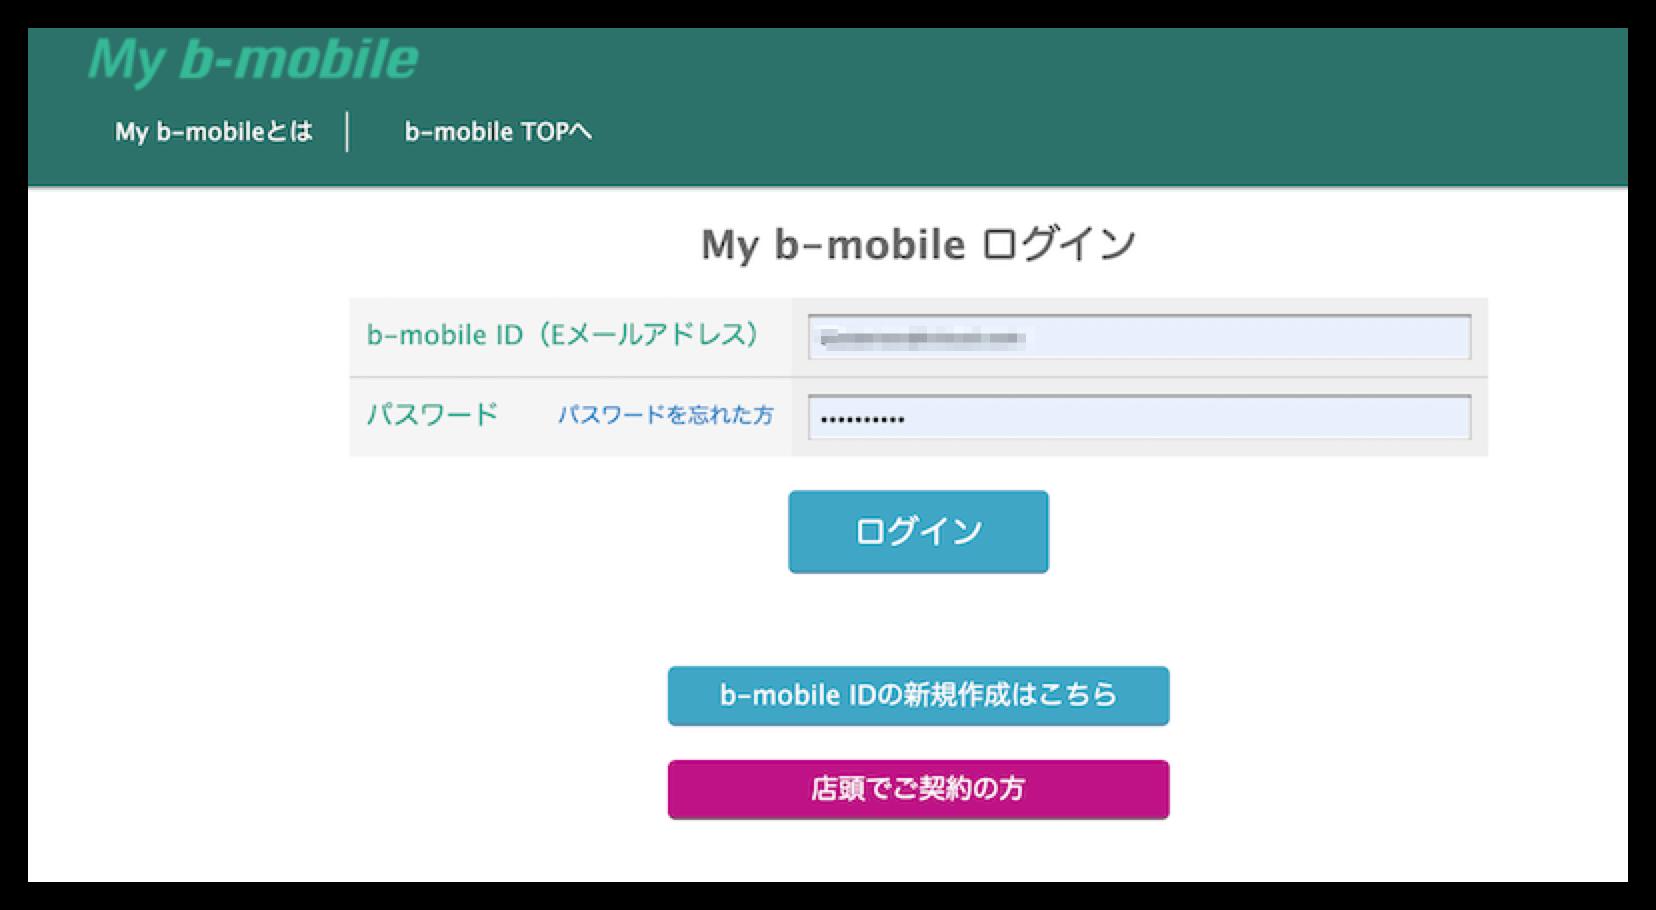 格安SIM b-mobileに申し込む2